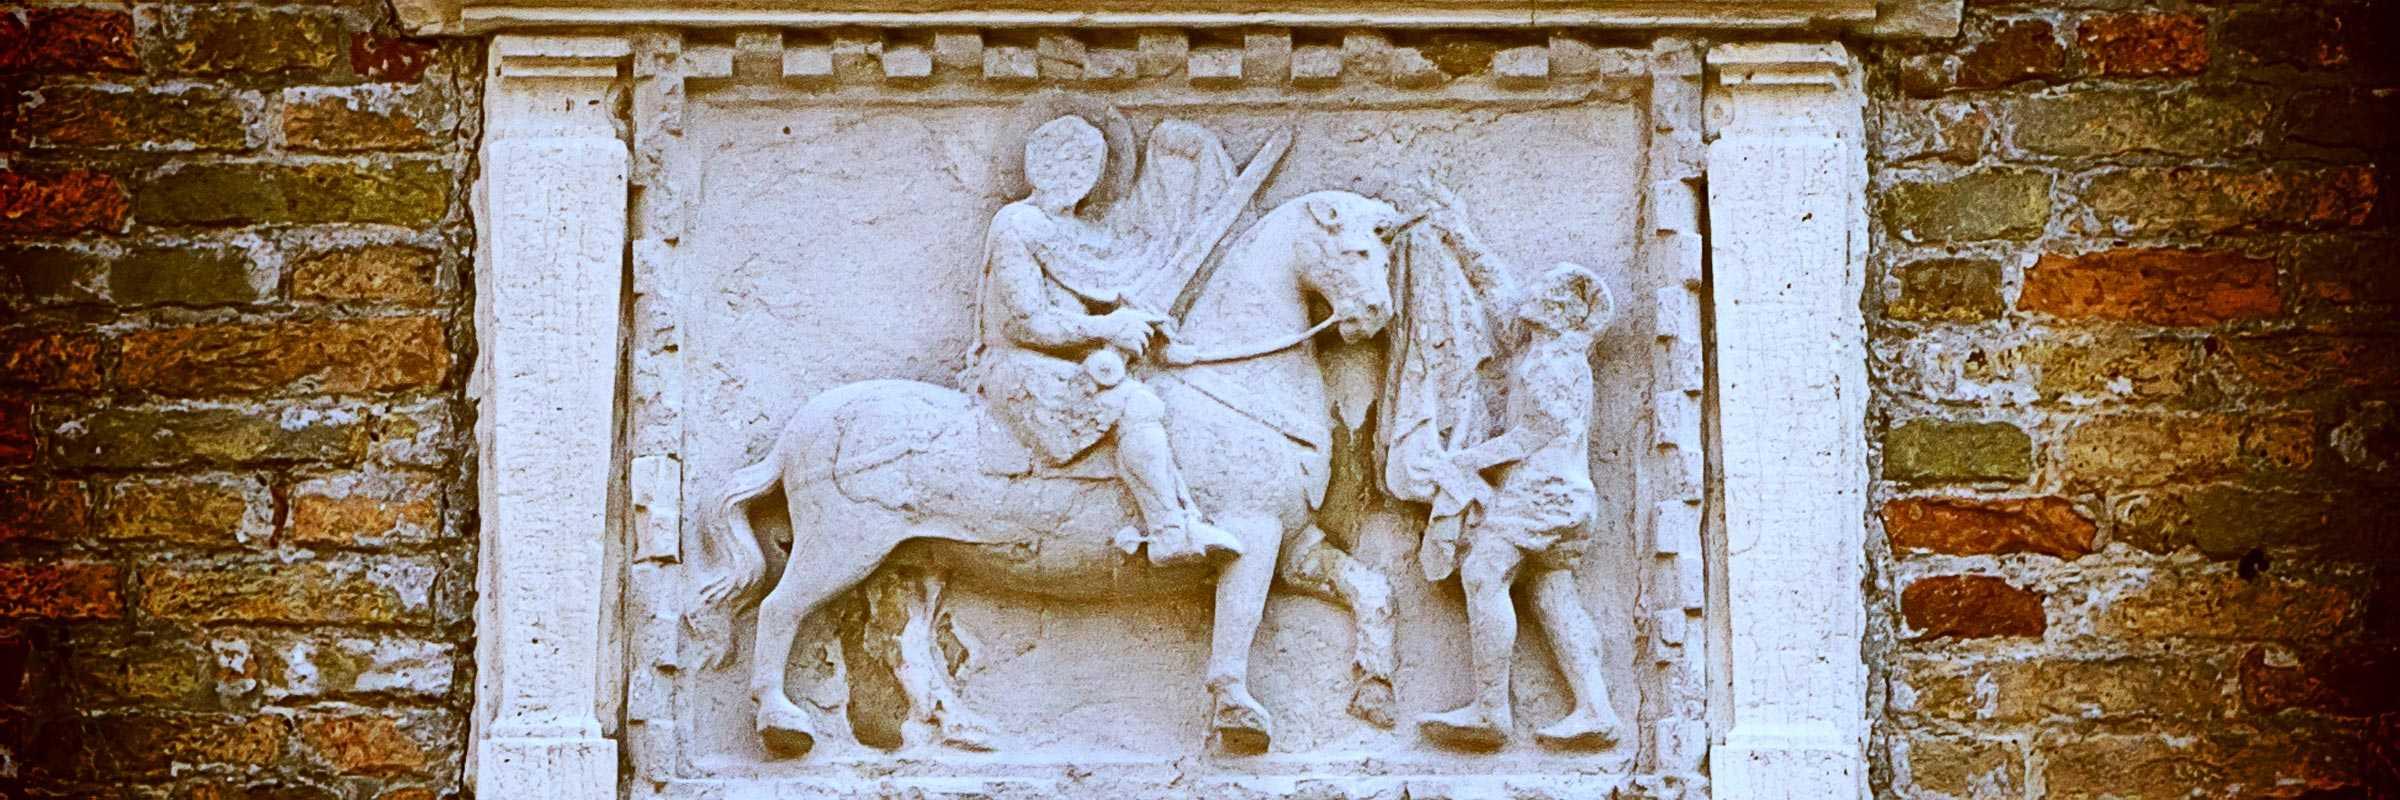 Il bassorilievo raffigurante San Martino che dona il mantello al povero. — (Archivio Venipedia/Bazzmann)